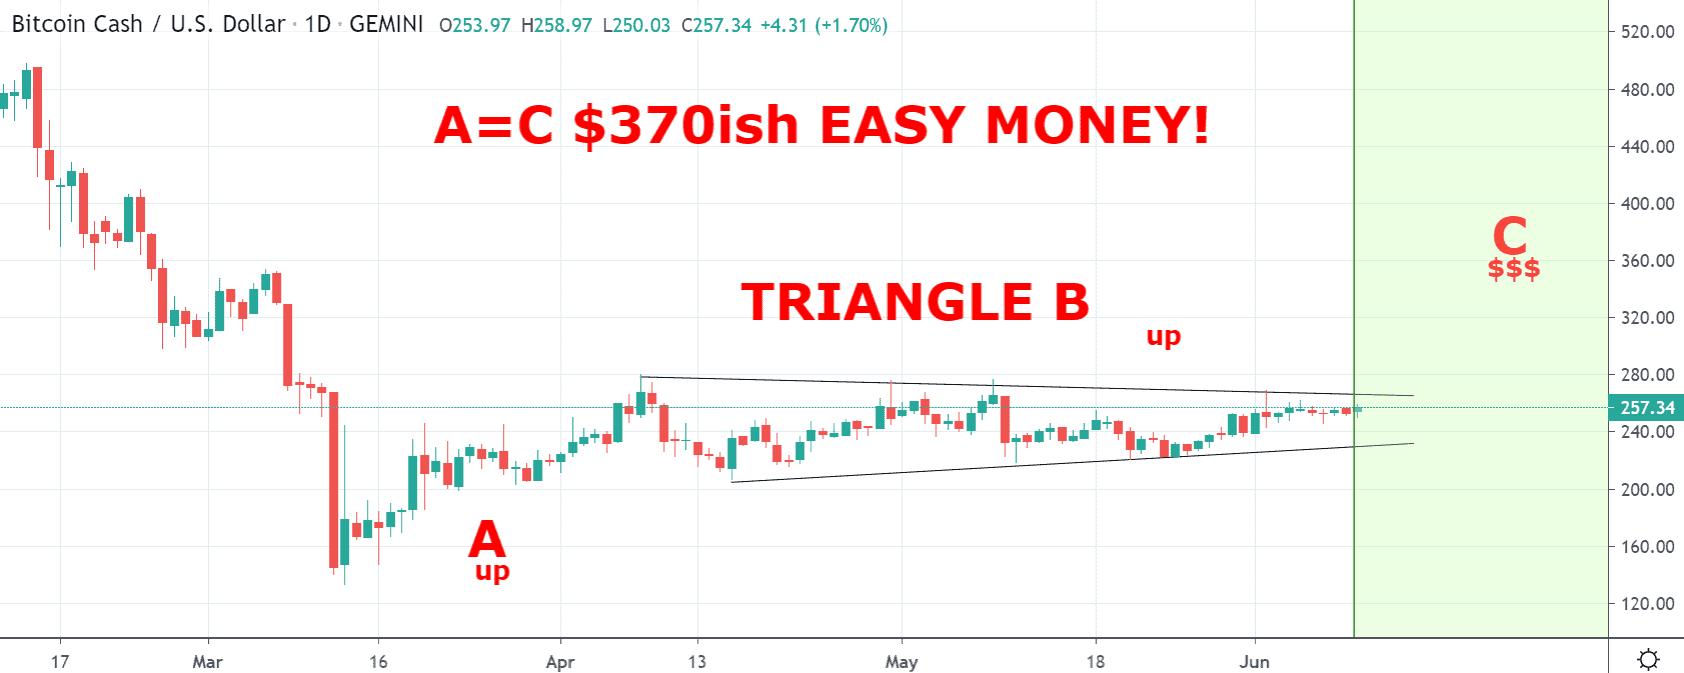 Bitcoin Cash price chart 2 - Jun10